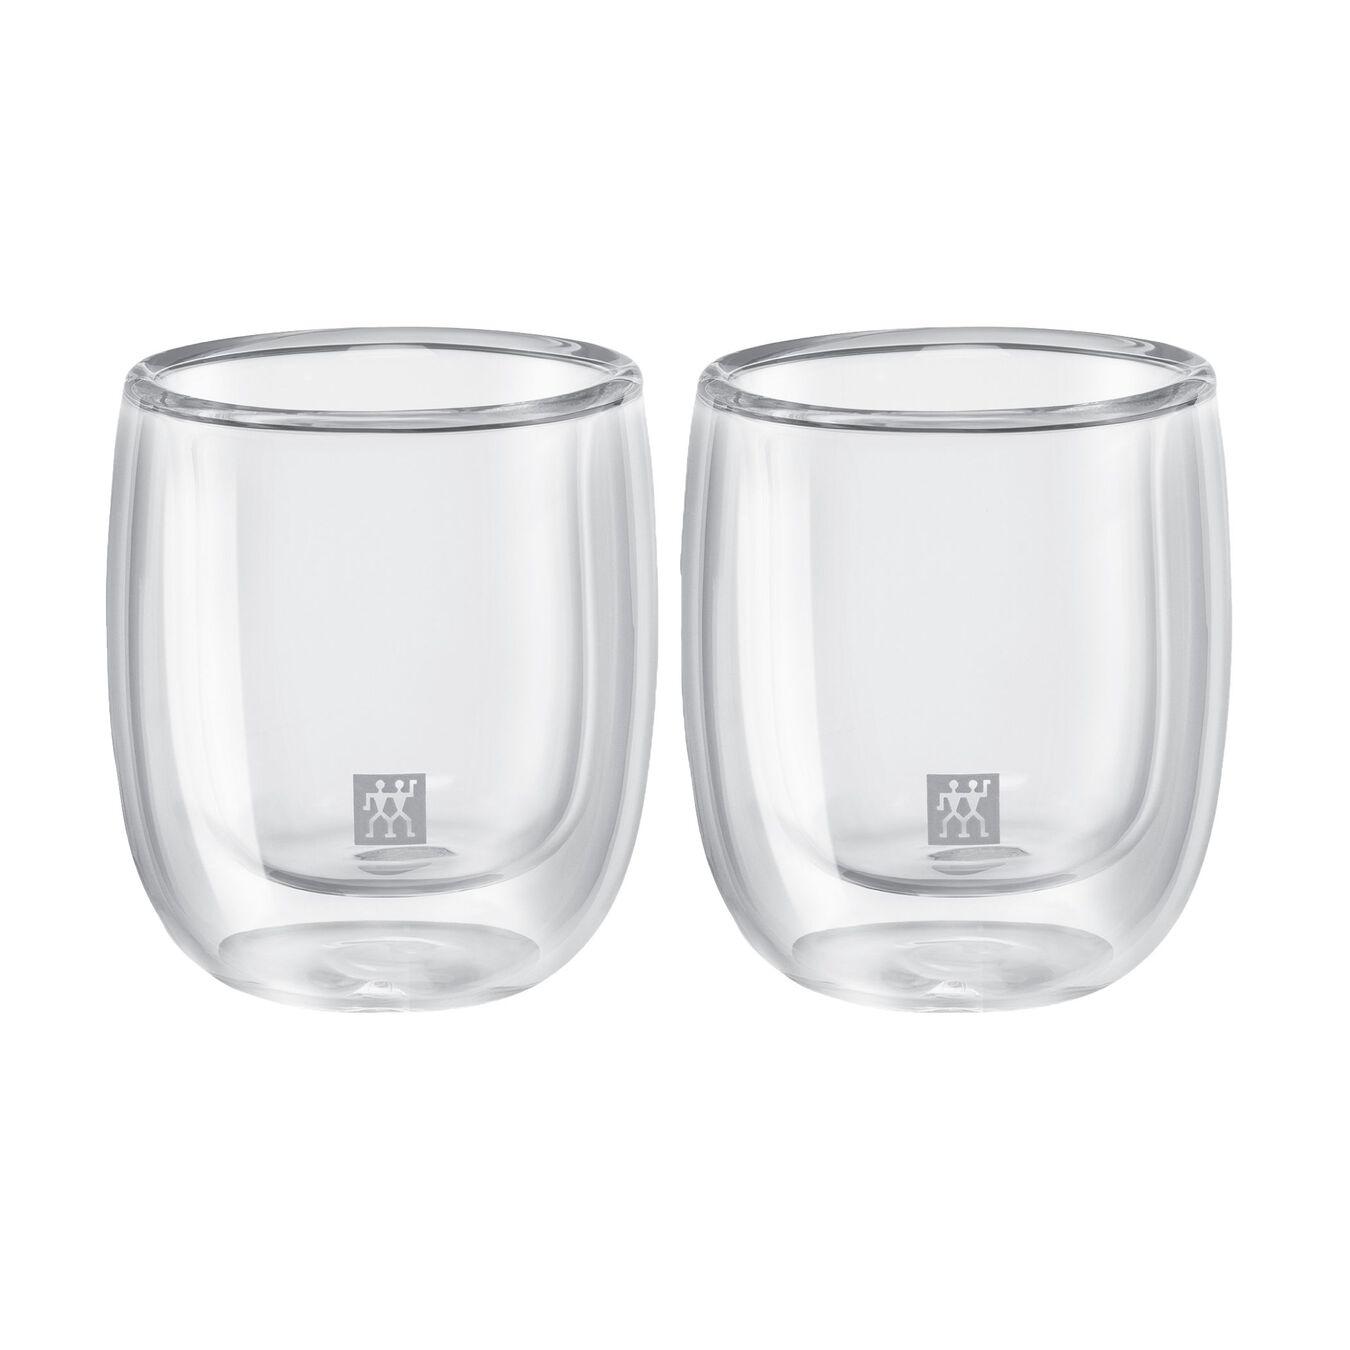 2-pcs Service de verres à expresso,,large 1